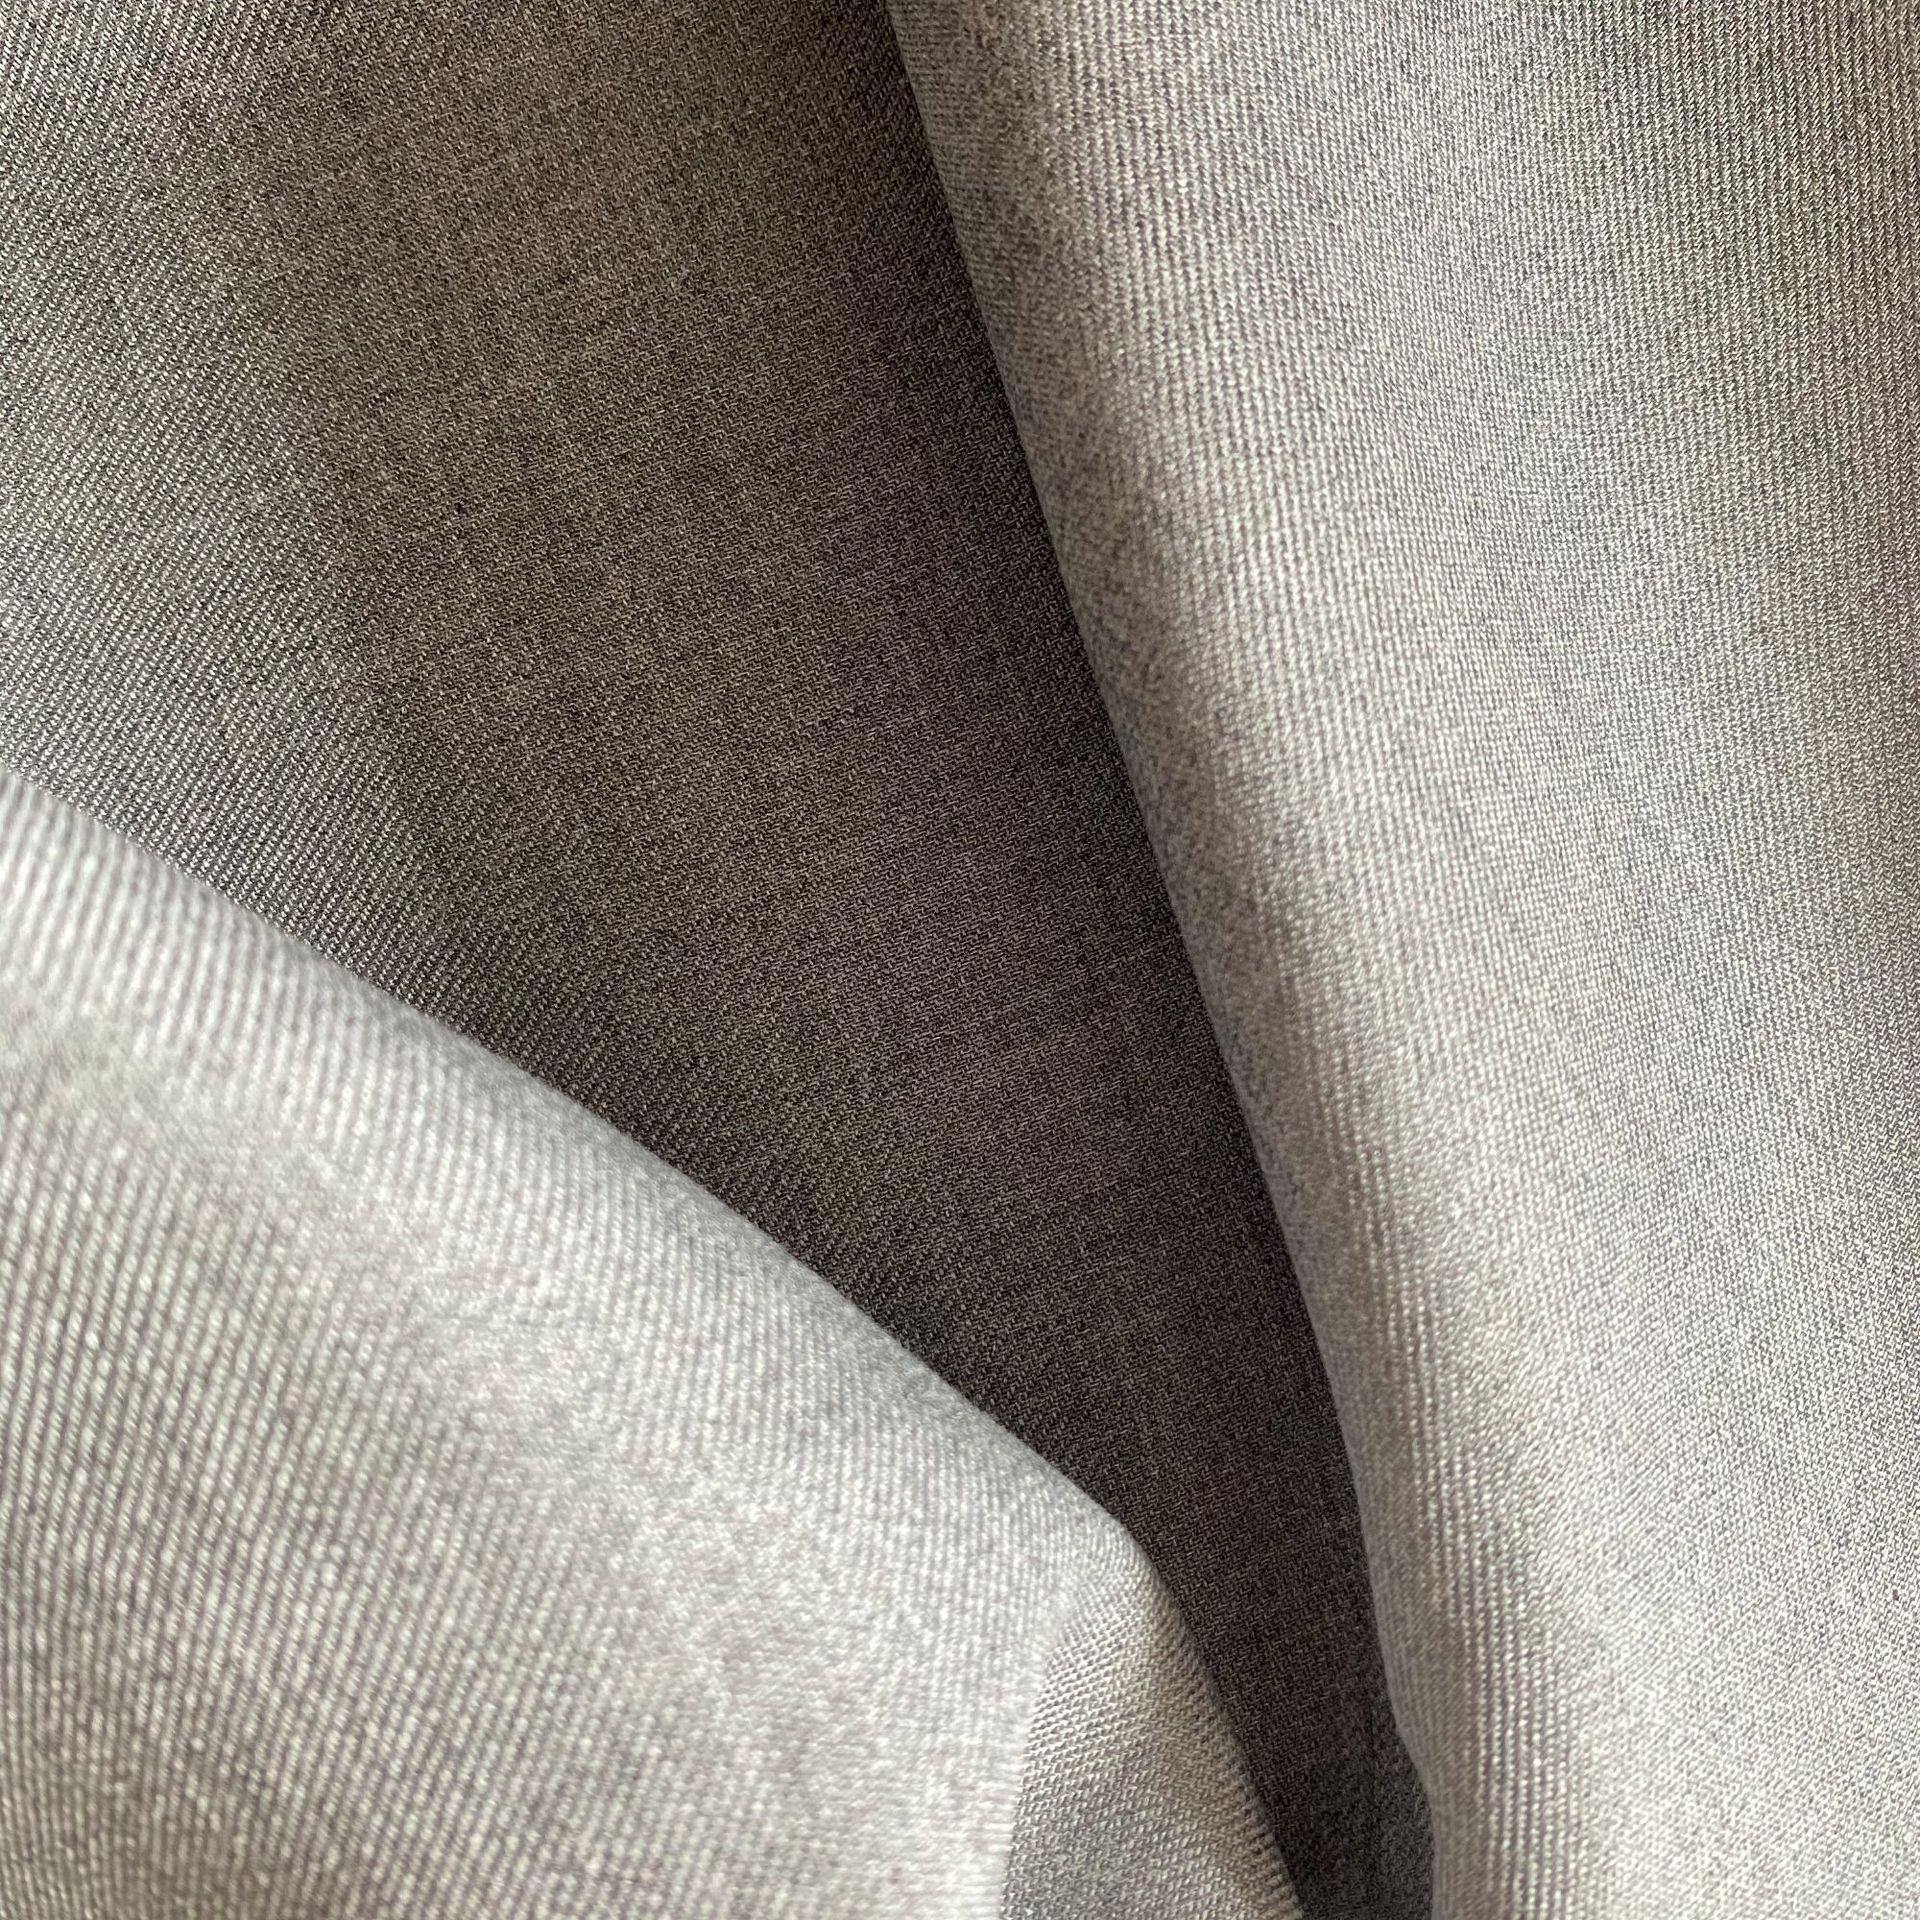 Vải mộc pha Nhà máy bán trực tiếp bông rayon đan xen sản phẩm mới / nhà sản xuất vải xám / rayon 30x